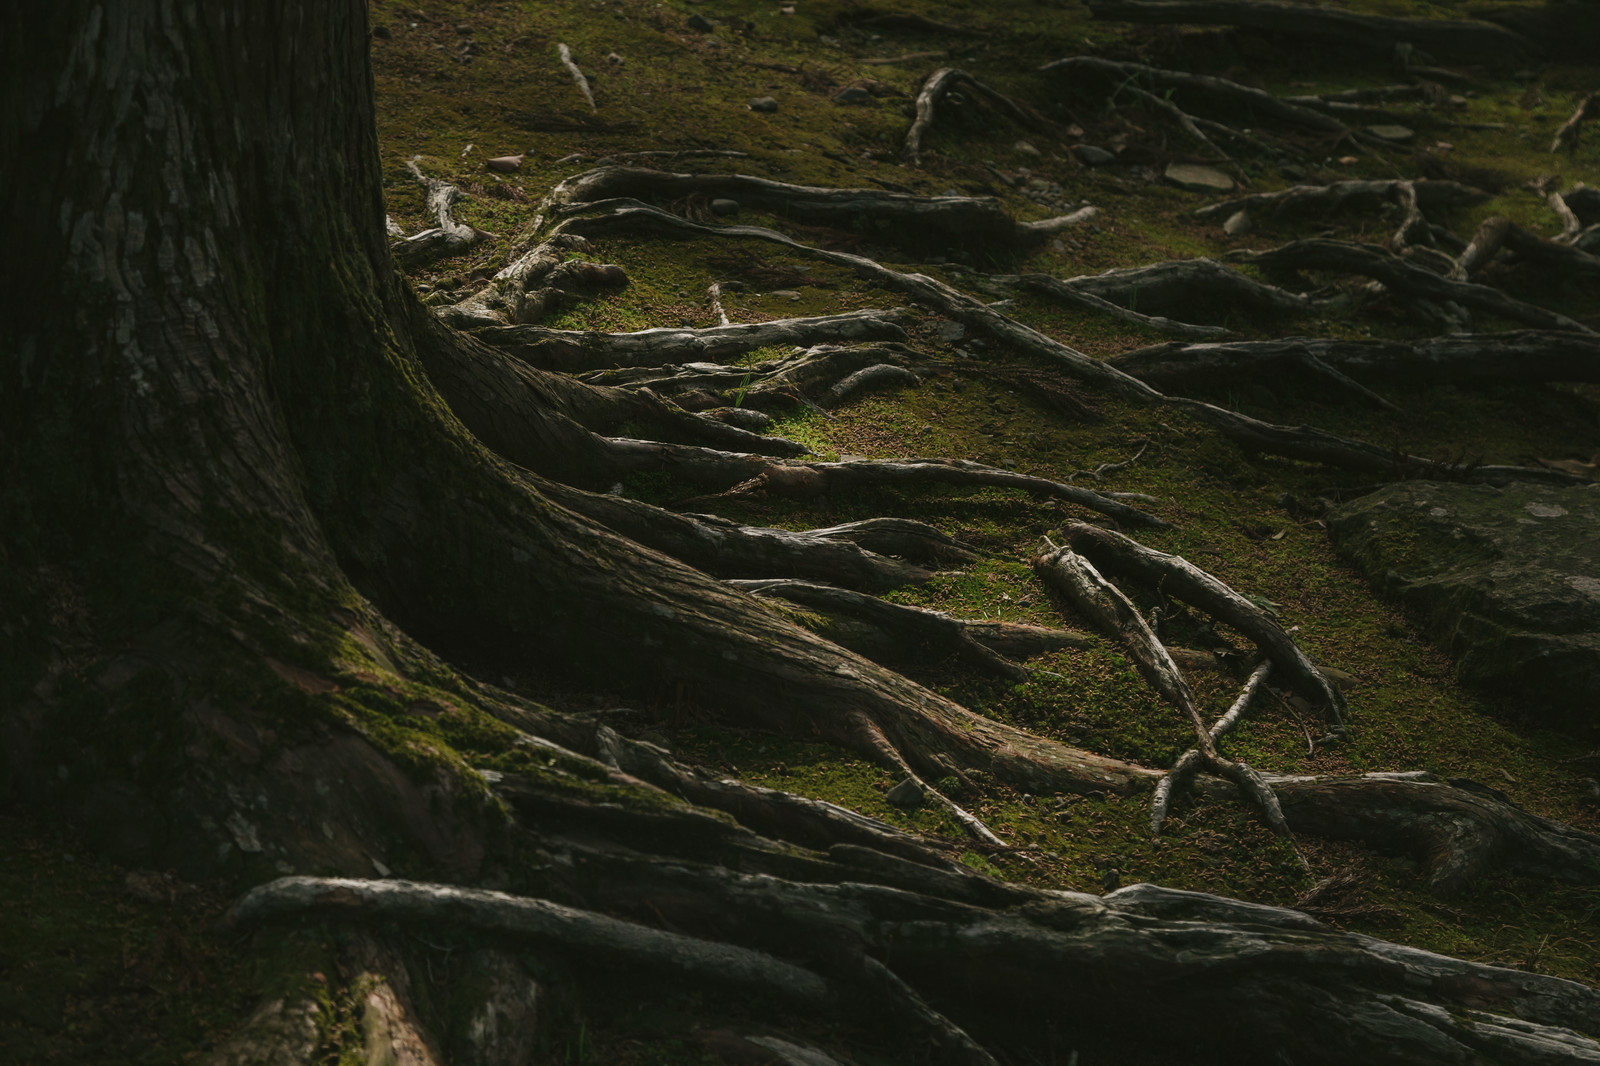 「飫肥杉の苔と根っこ」の写真